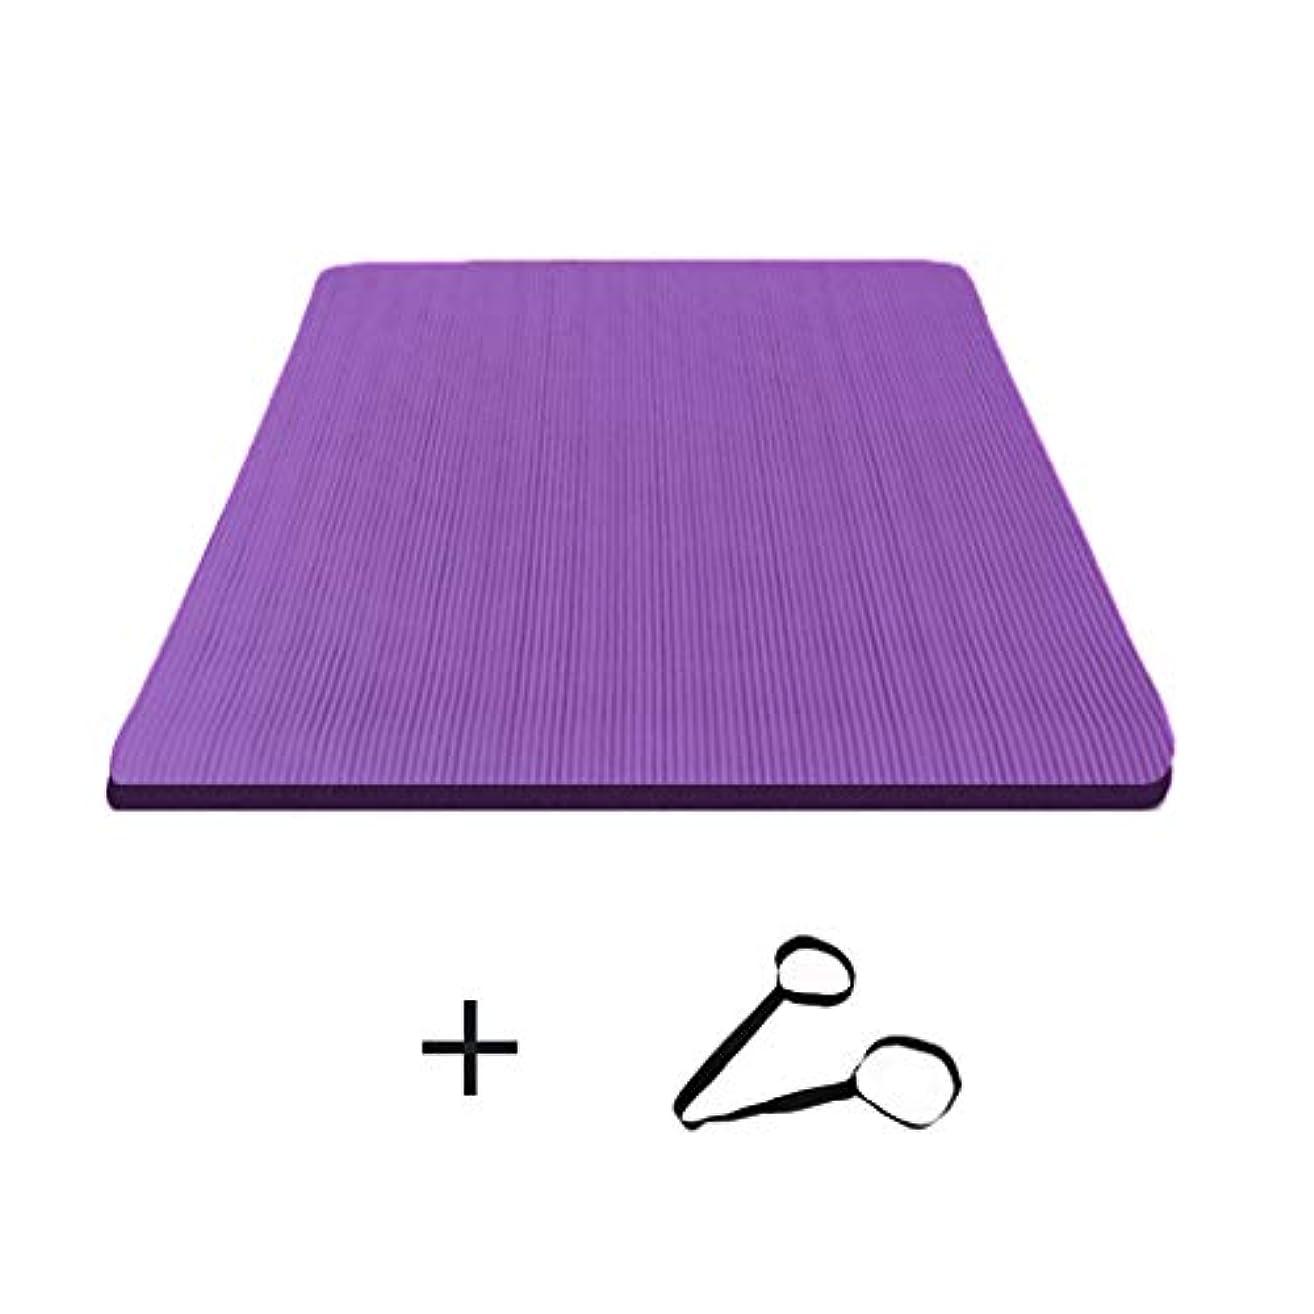 ひまわり米ドル矛盾する寝袋アウトドアアウトドアブッシュスリーシーズンキャンプ ダブルヨガマット特大広め滑り止めフィットネス毛布キャンプに適して男性と女性200 * 160センチメートル で利用できる単一の二重色 (サイズ さいず : 紫の-15mm, サイズ さいず : Ordinary style)